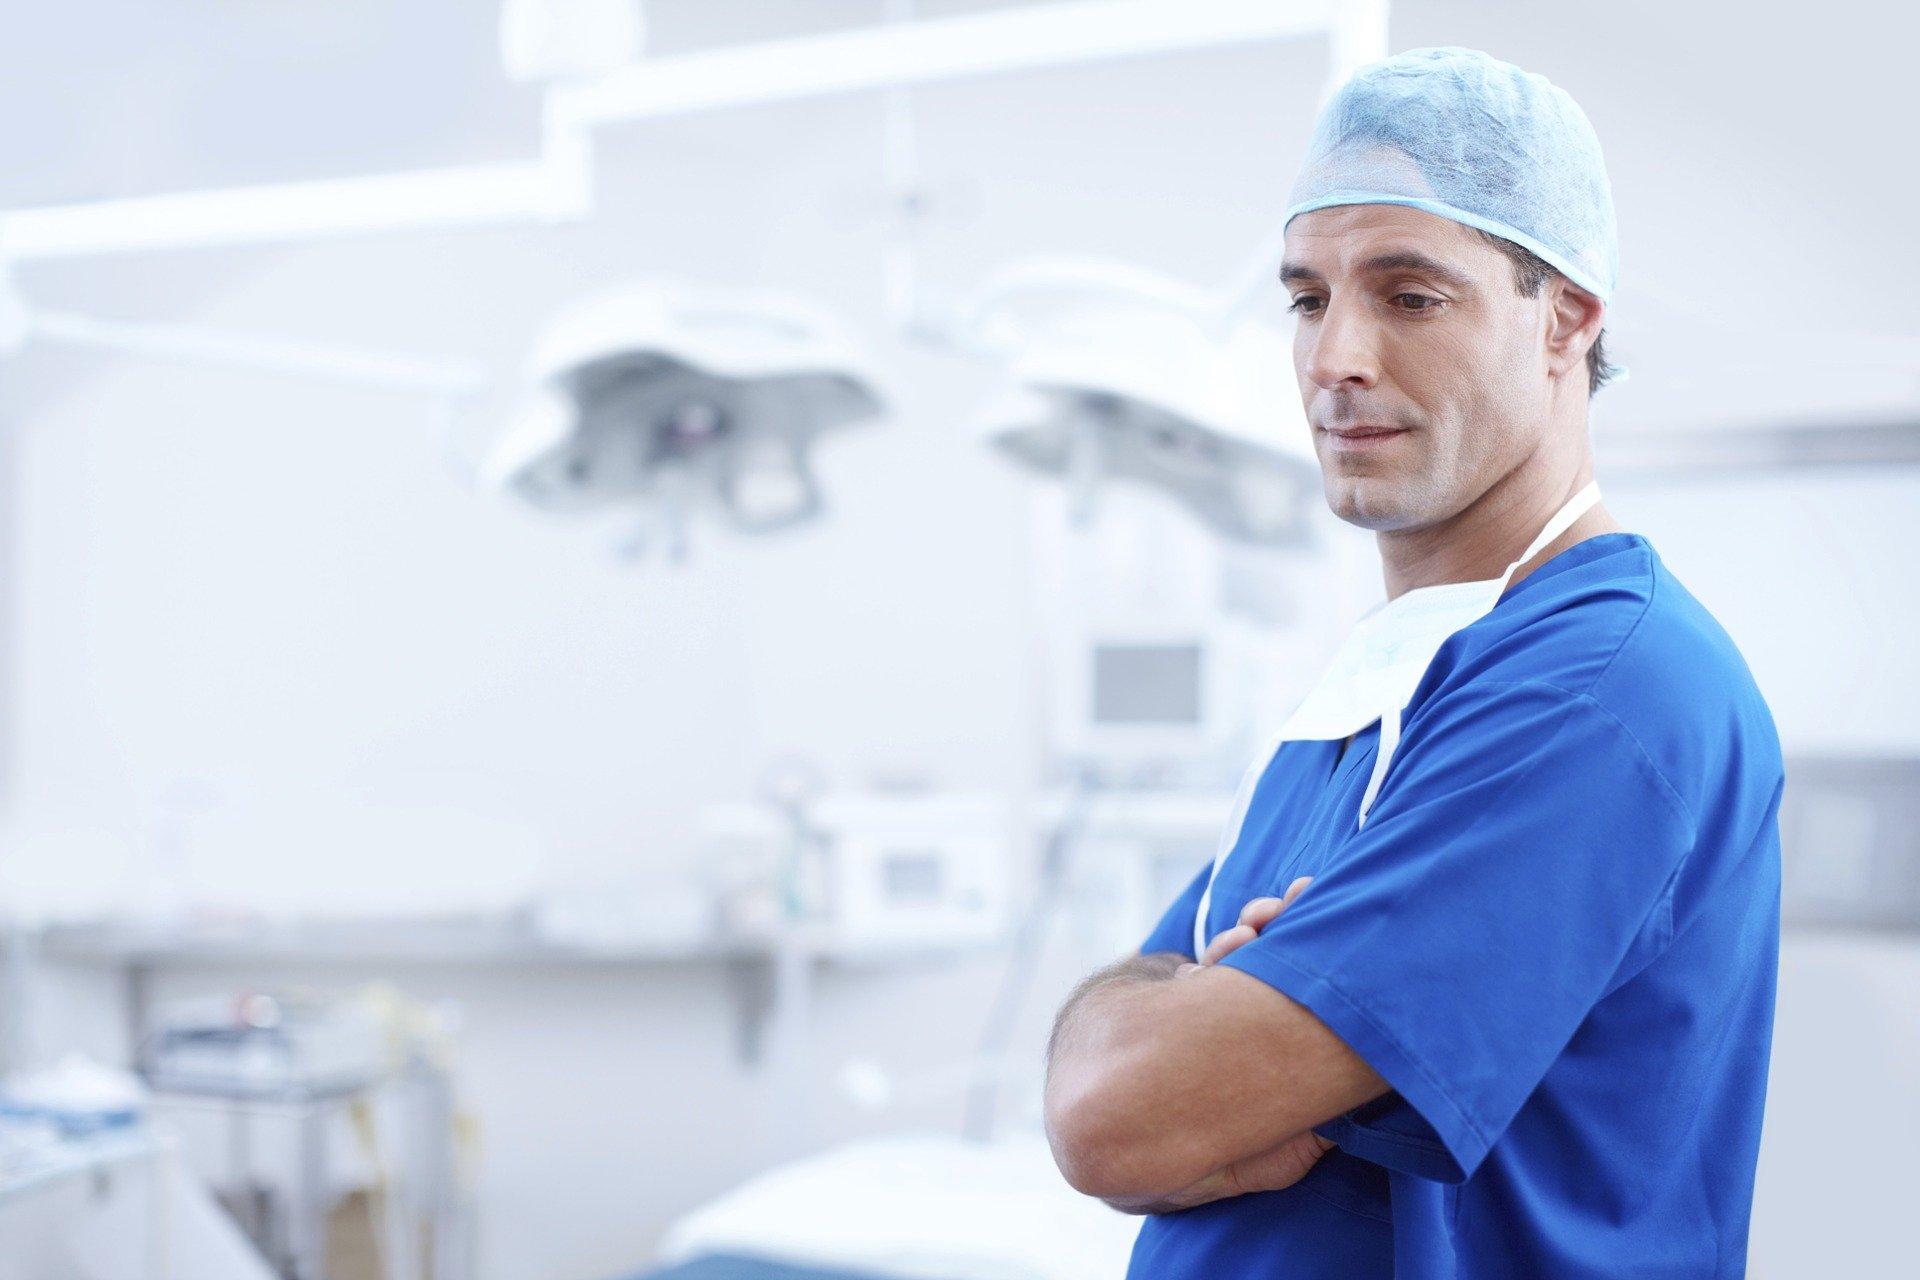 インフラエンジニア必見!5Gで変化する分野:医療編のアイキャッチイメージ